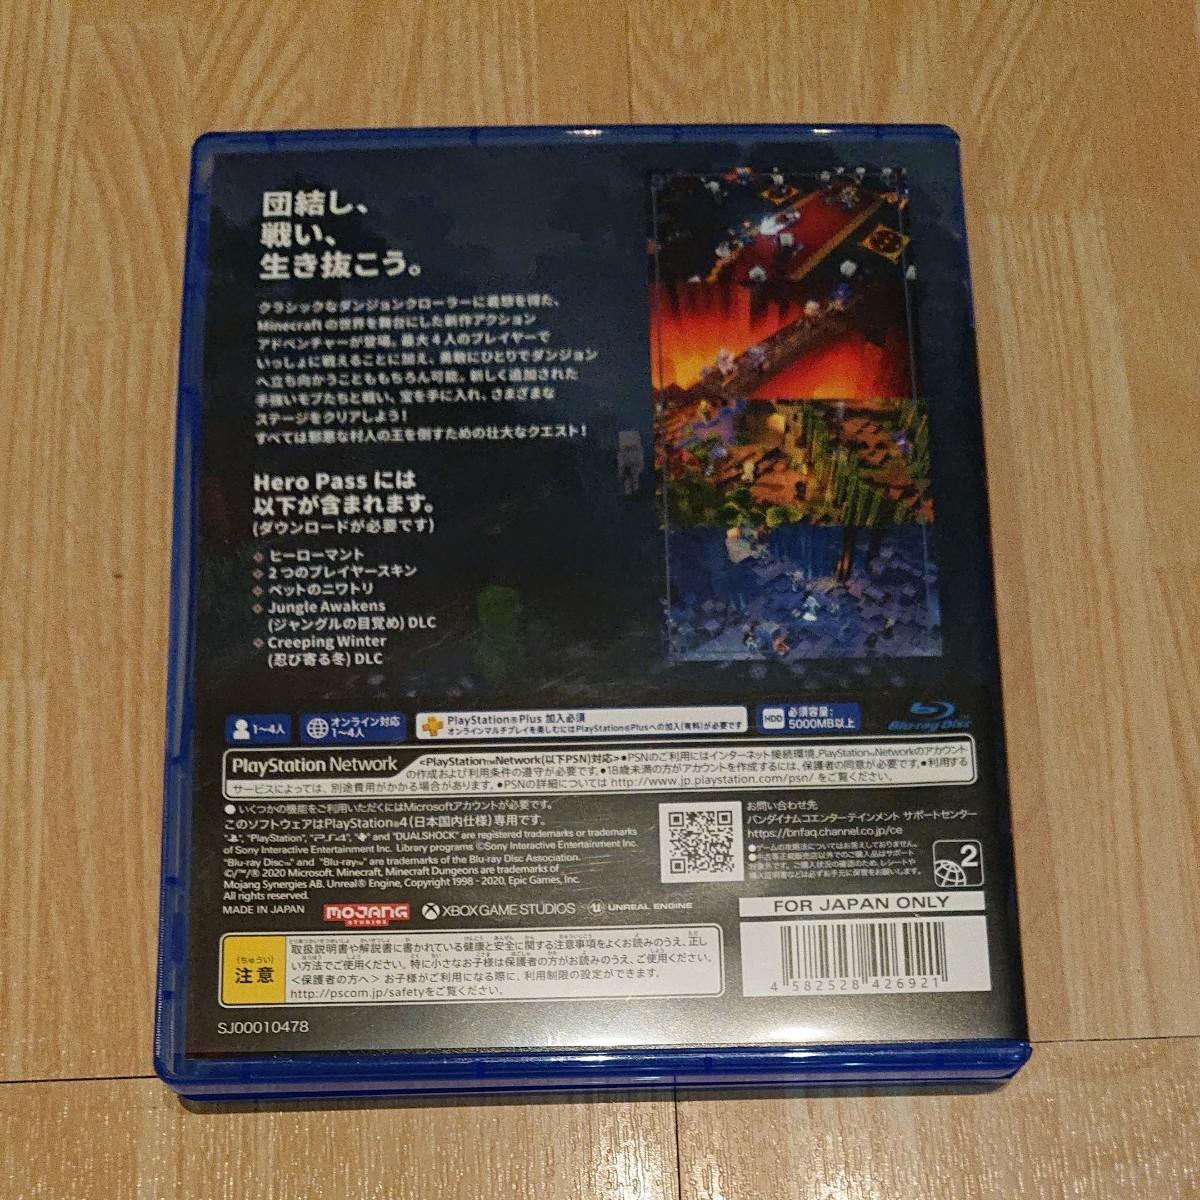 PS4ソフト マインクラフトダンジョンズ PS4